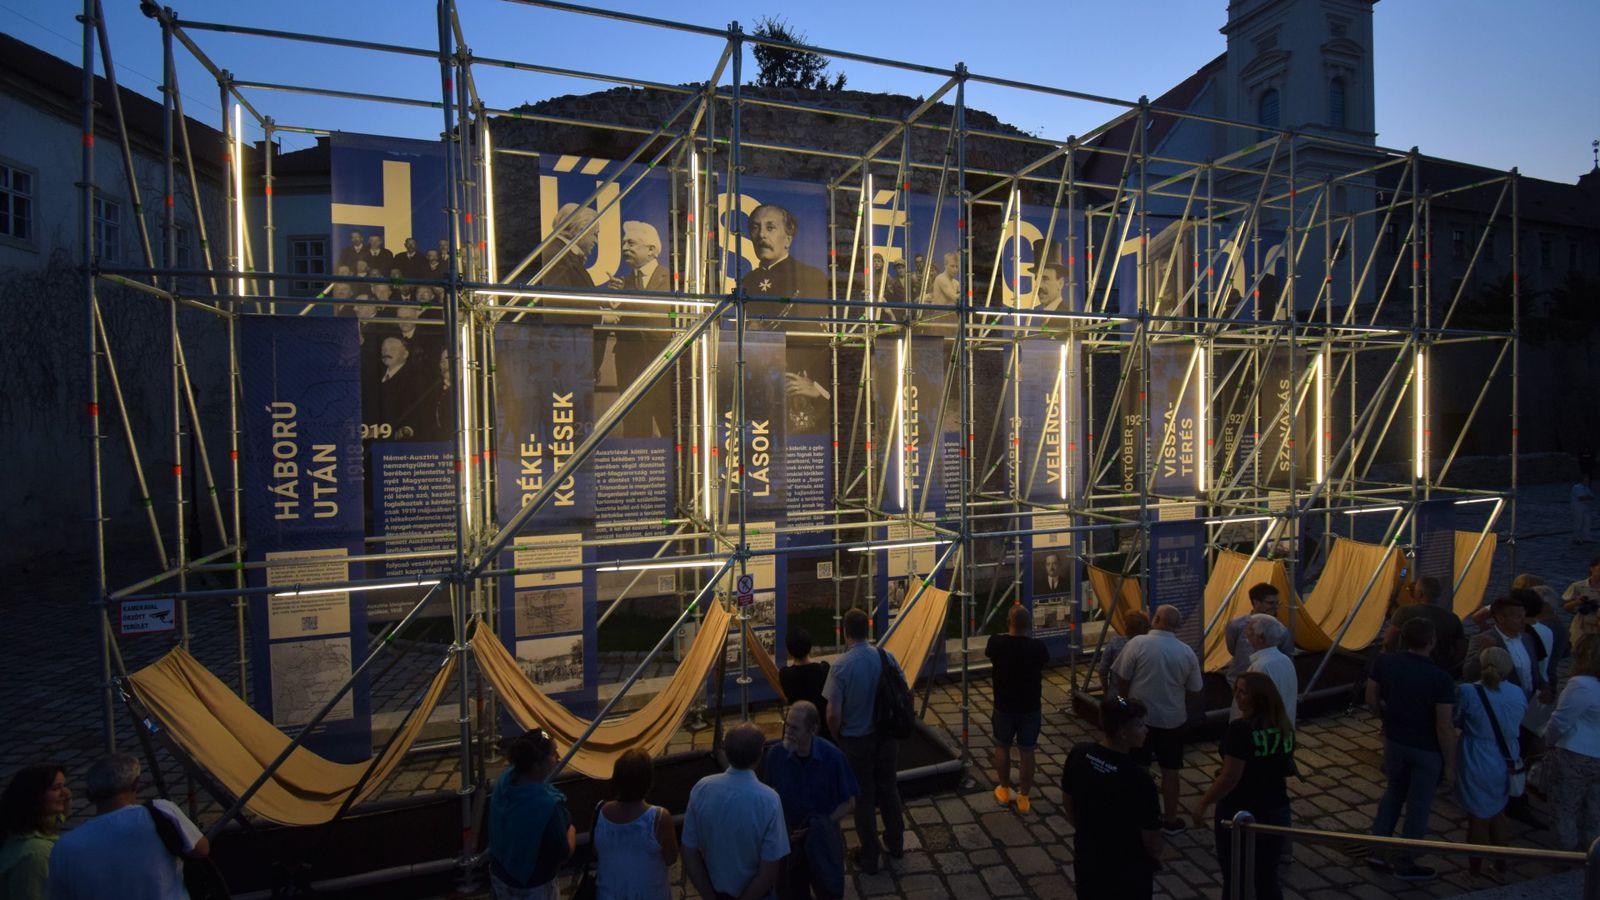 Megnyílt a népszavazásra emlékező kiállítás a Rondellánál